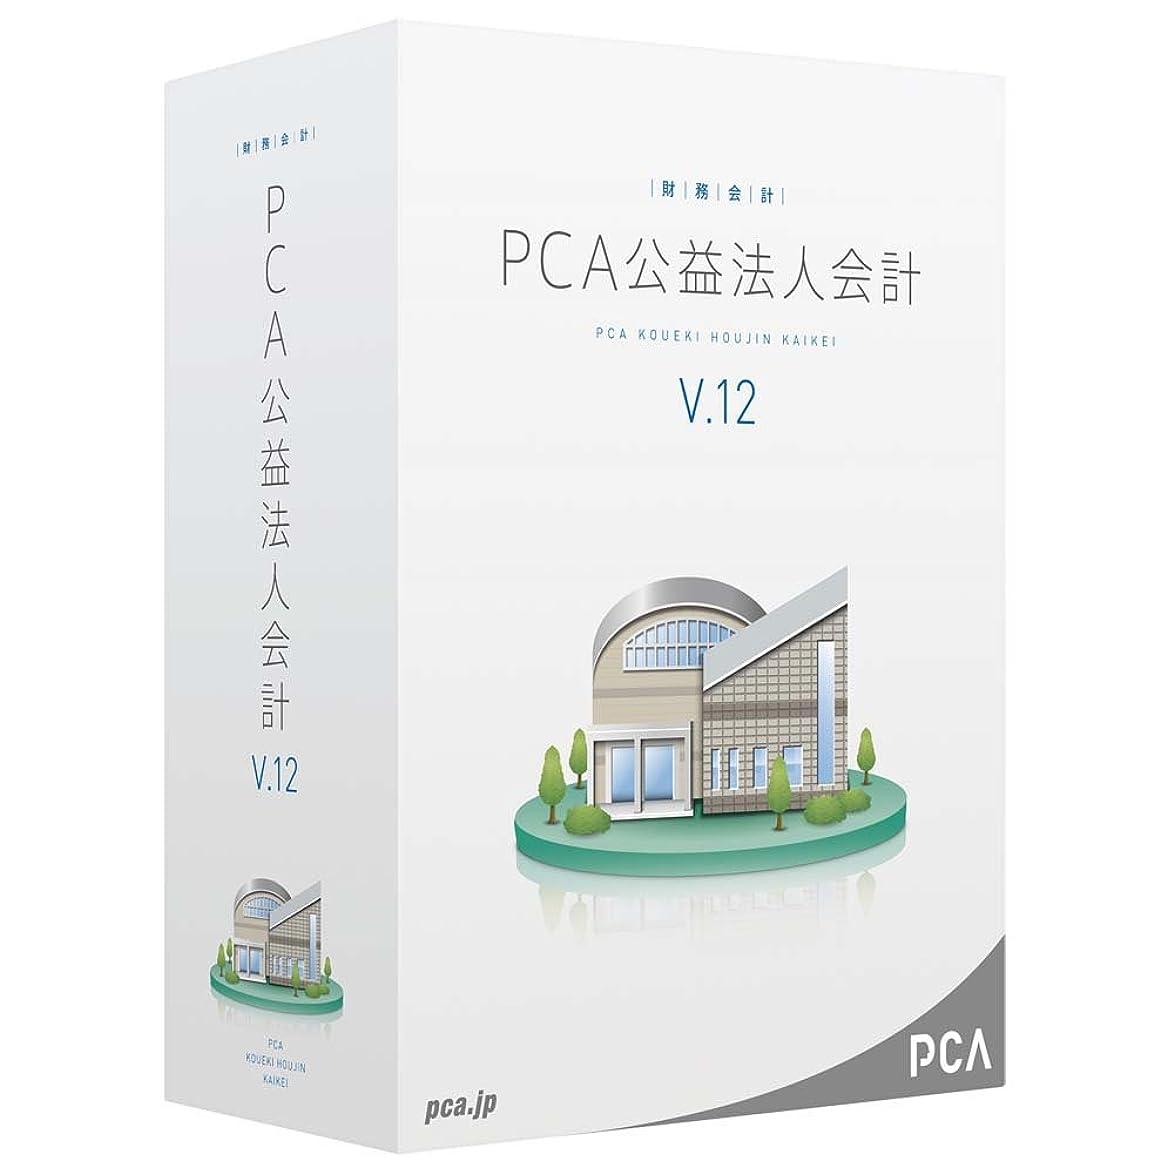 旅行なぞらえるラッチPCA公益法人会計V.12 with SQL 10クライアント